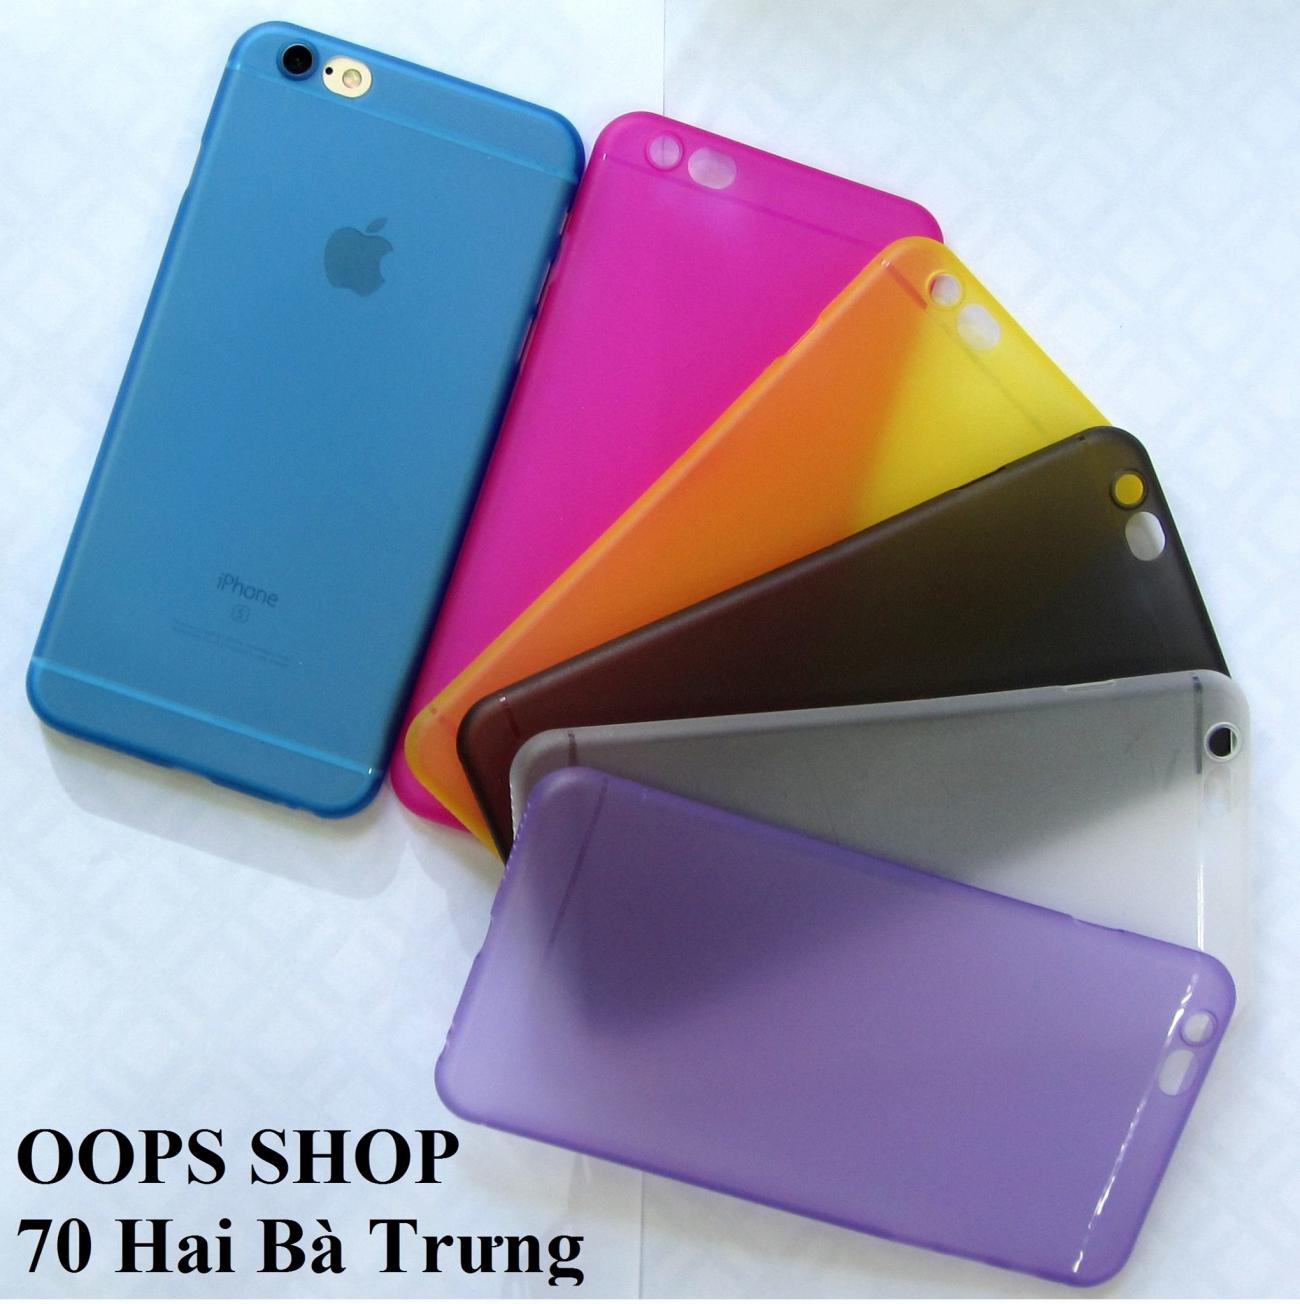 Cửa hàng phụ kiện điện thoại Oops Shop